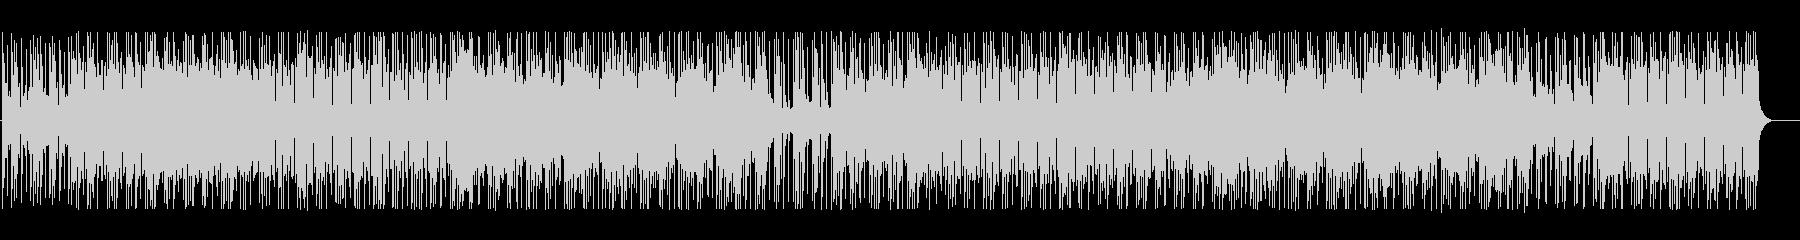 ミステリアスな雰囲気のテクノBGMの未再生の波形